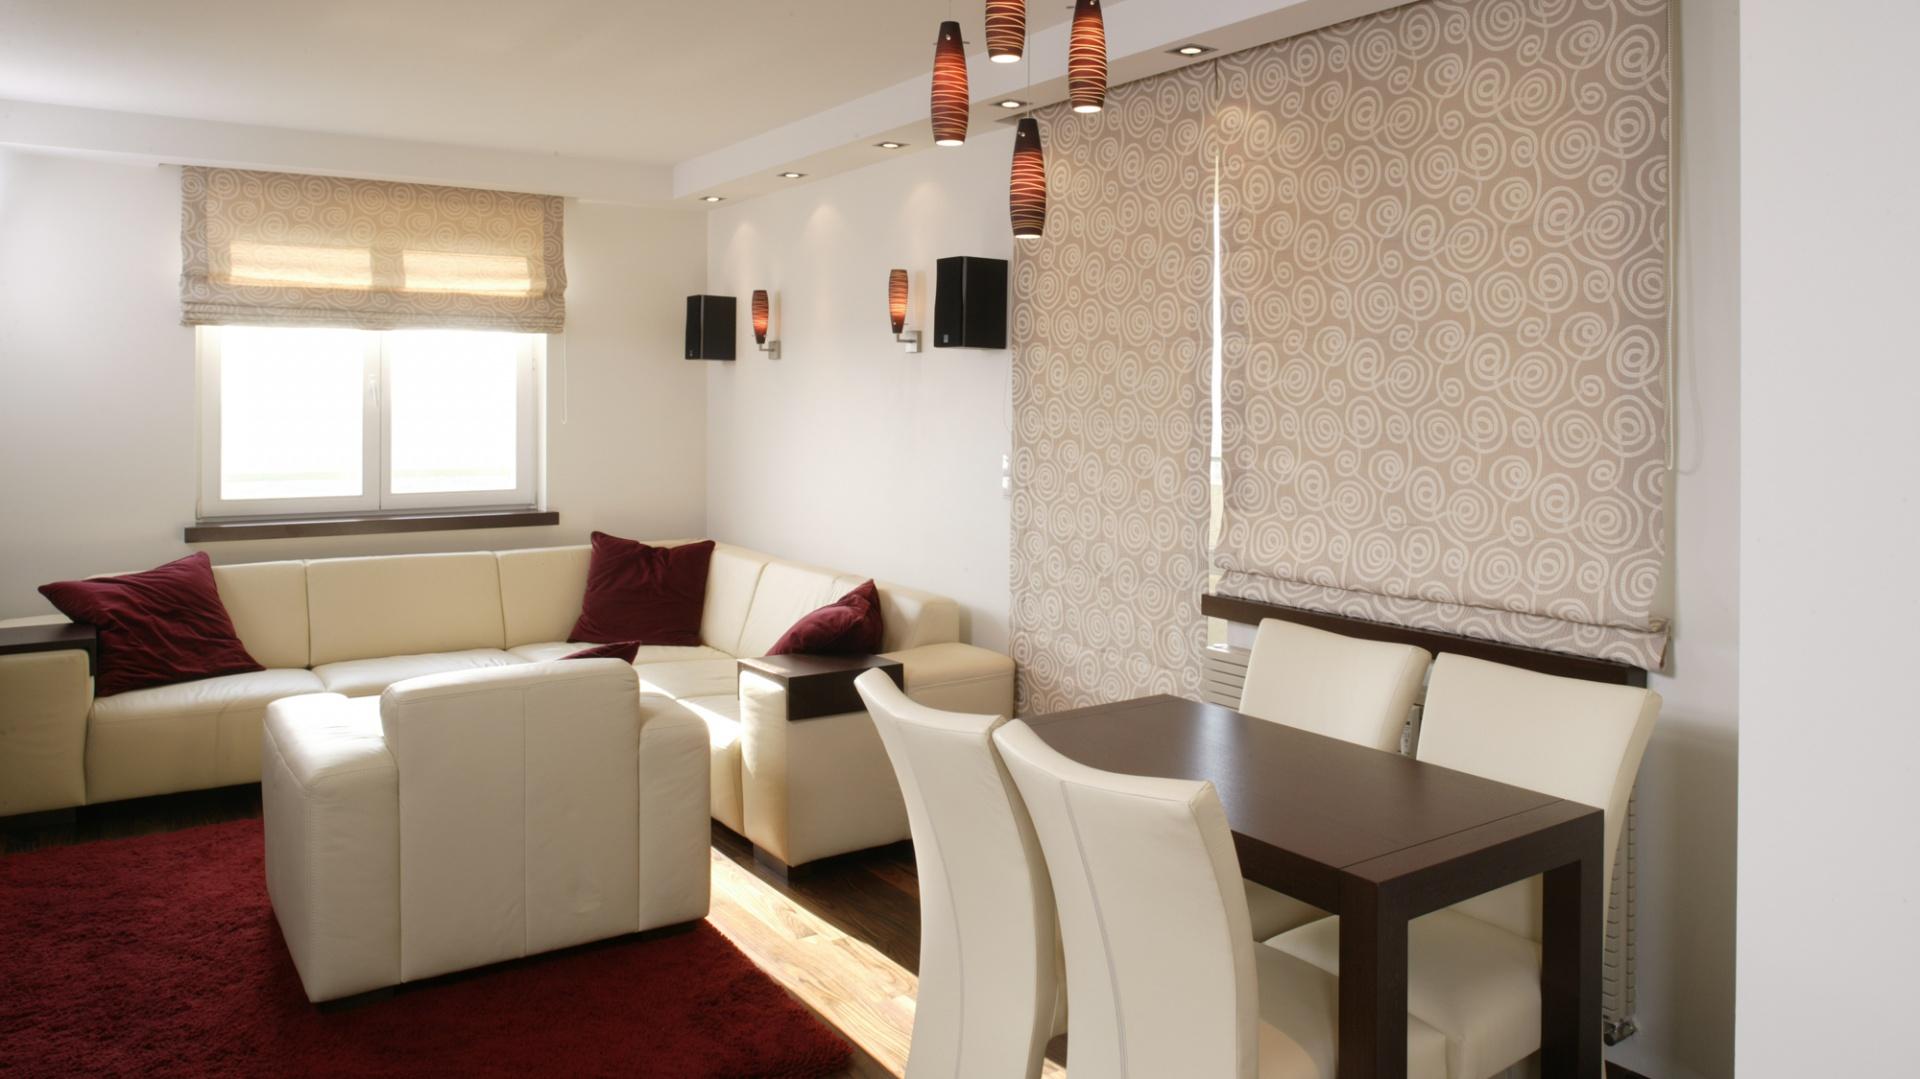 Komplet wypoczynkowy z jasnej skóry (Mebel Plast) doskonale prezentuje się w towarzystwie poduszek i dywanu w kolorze wina. Fot. Bartosz Jarosz.